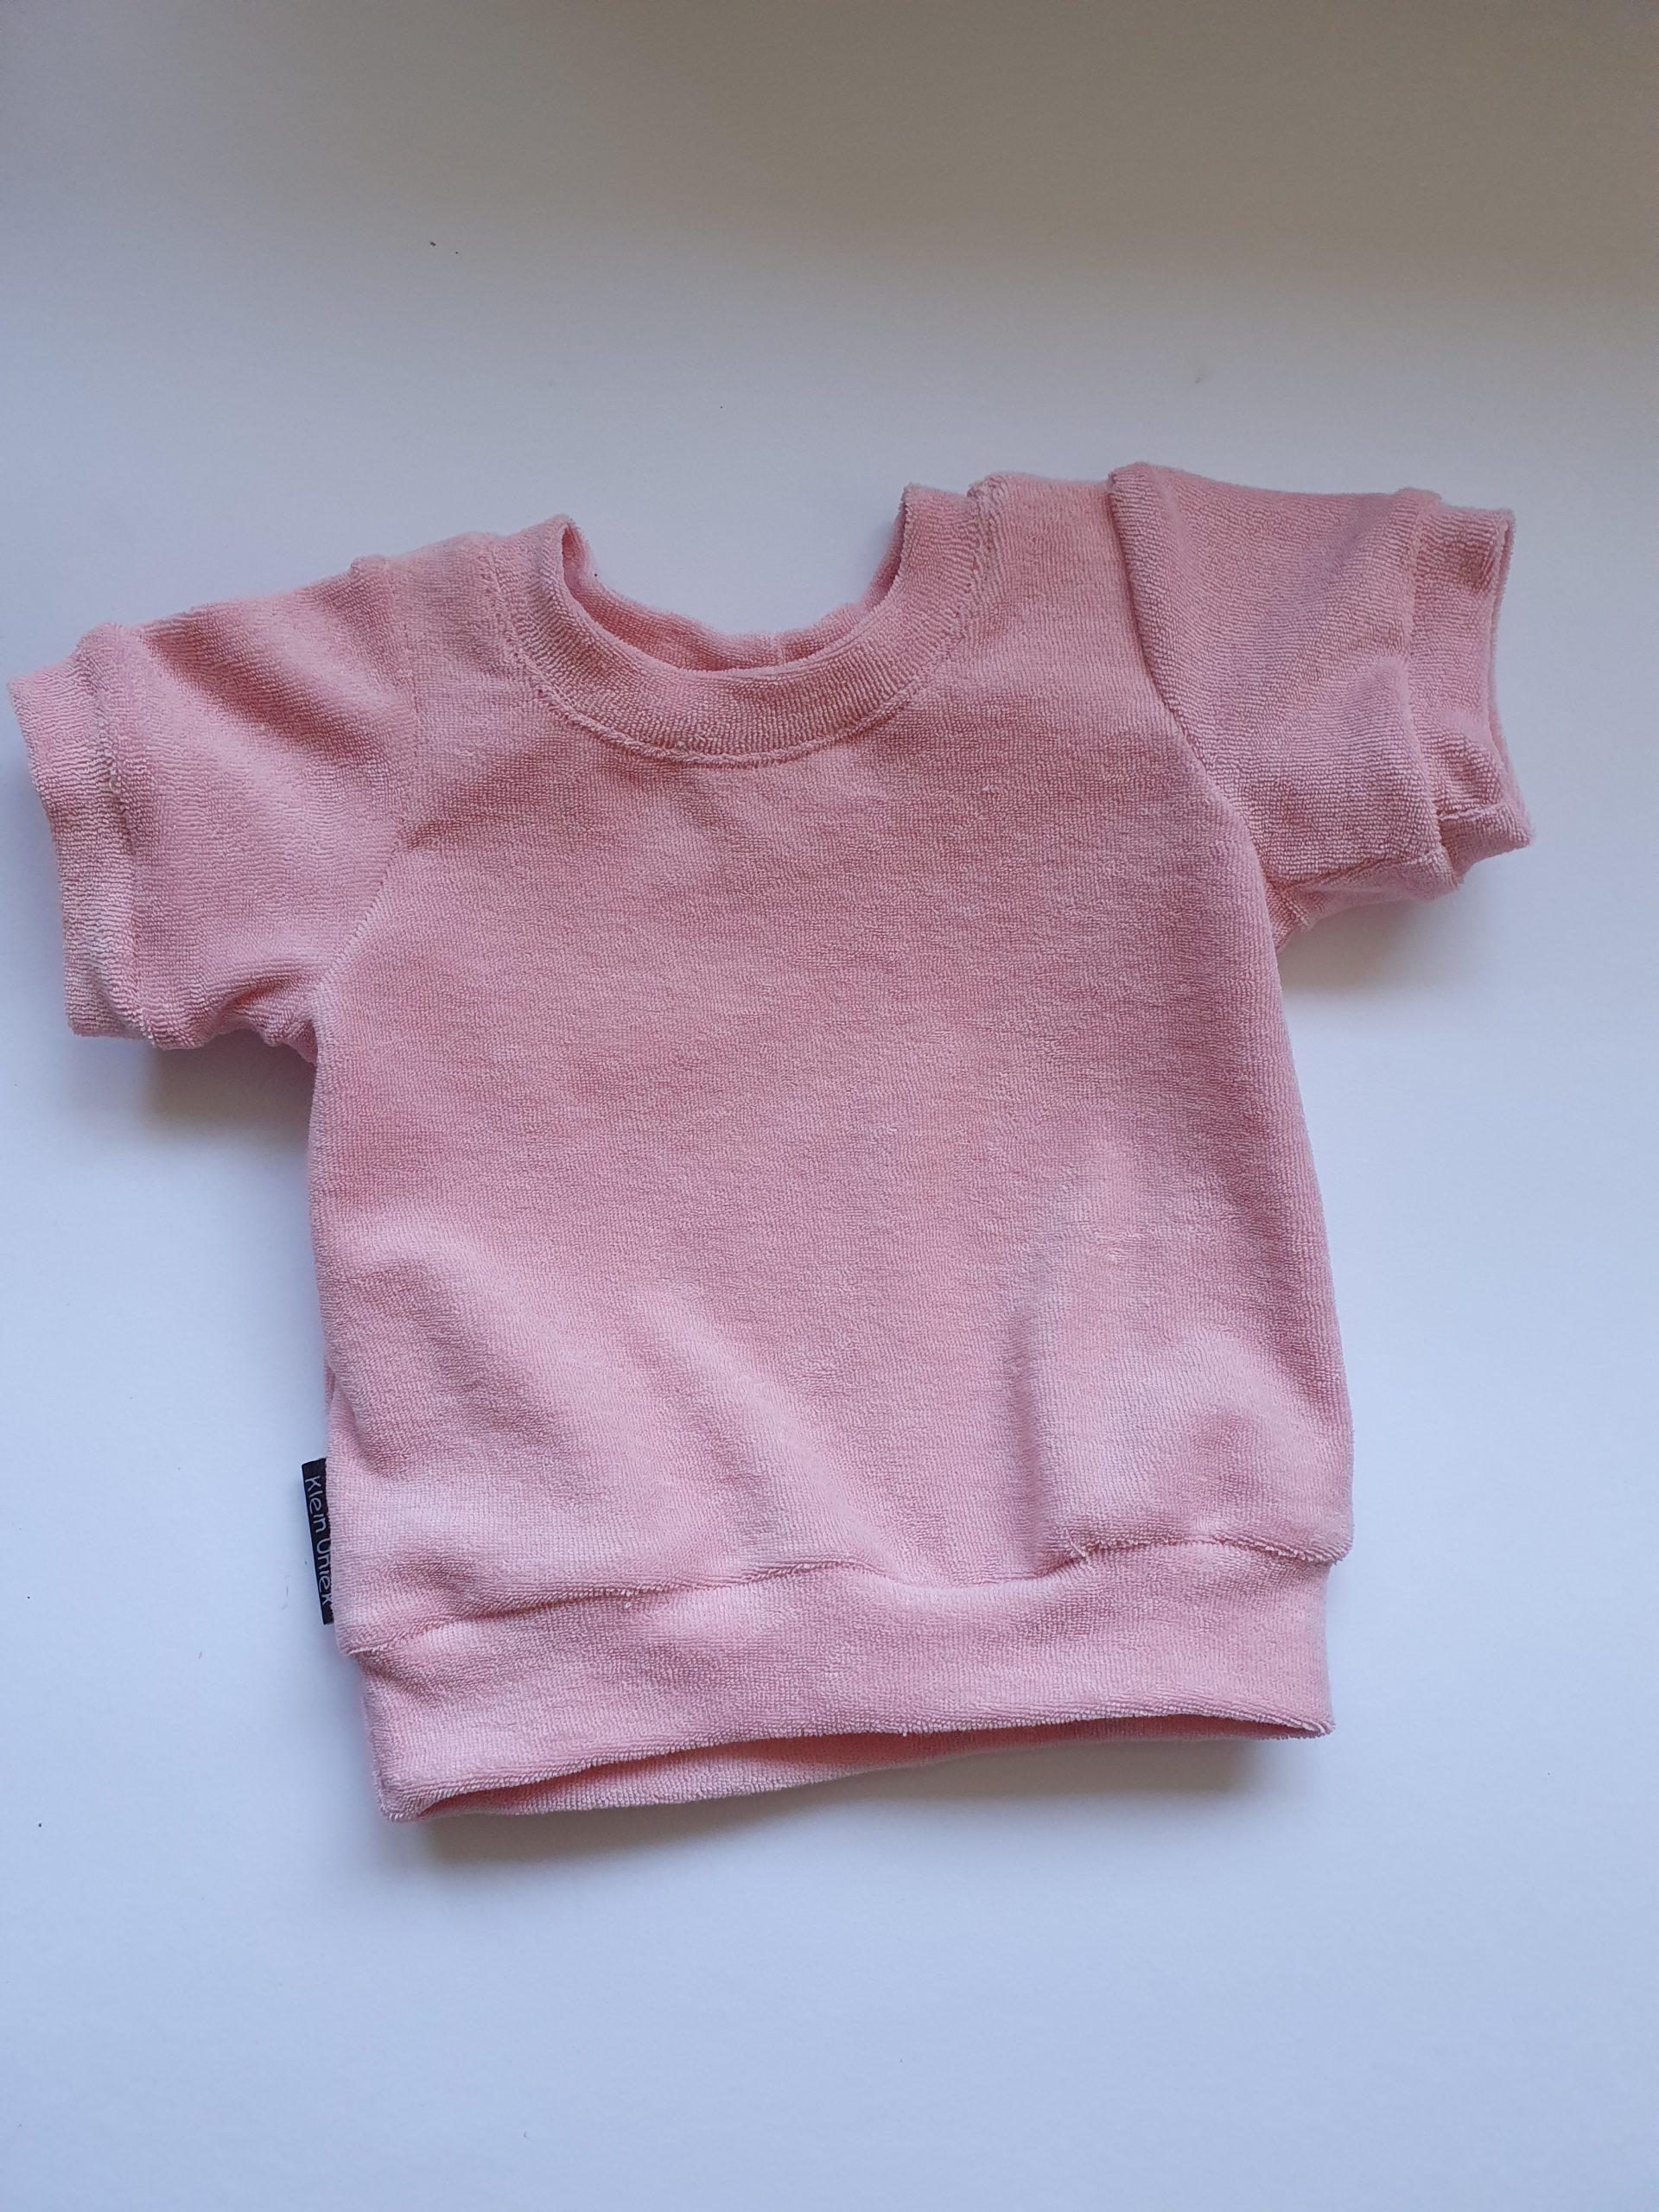 Badstof pink t-shirt.